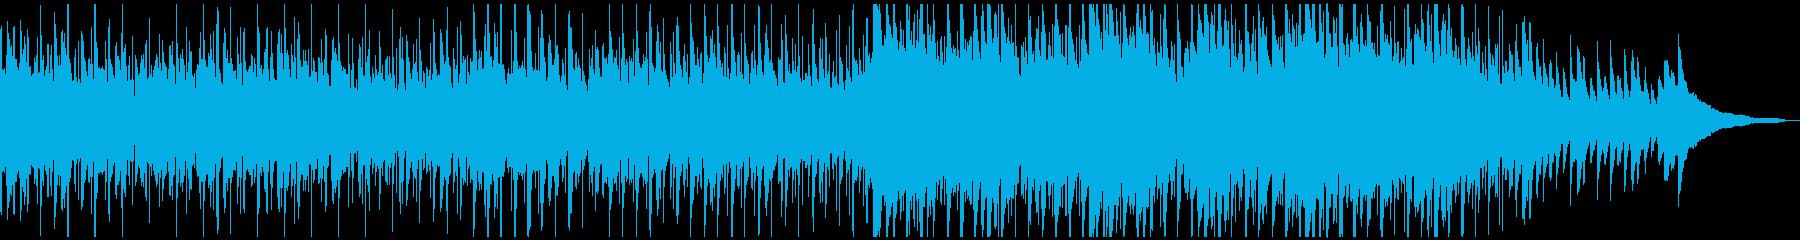 もの哀しく切ないバラード調ポップスの再生済みの波形